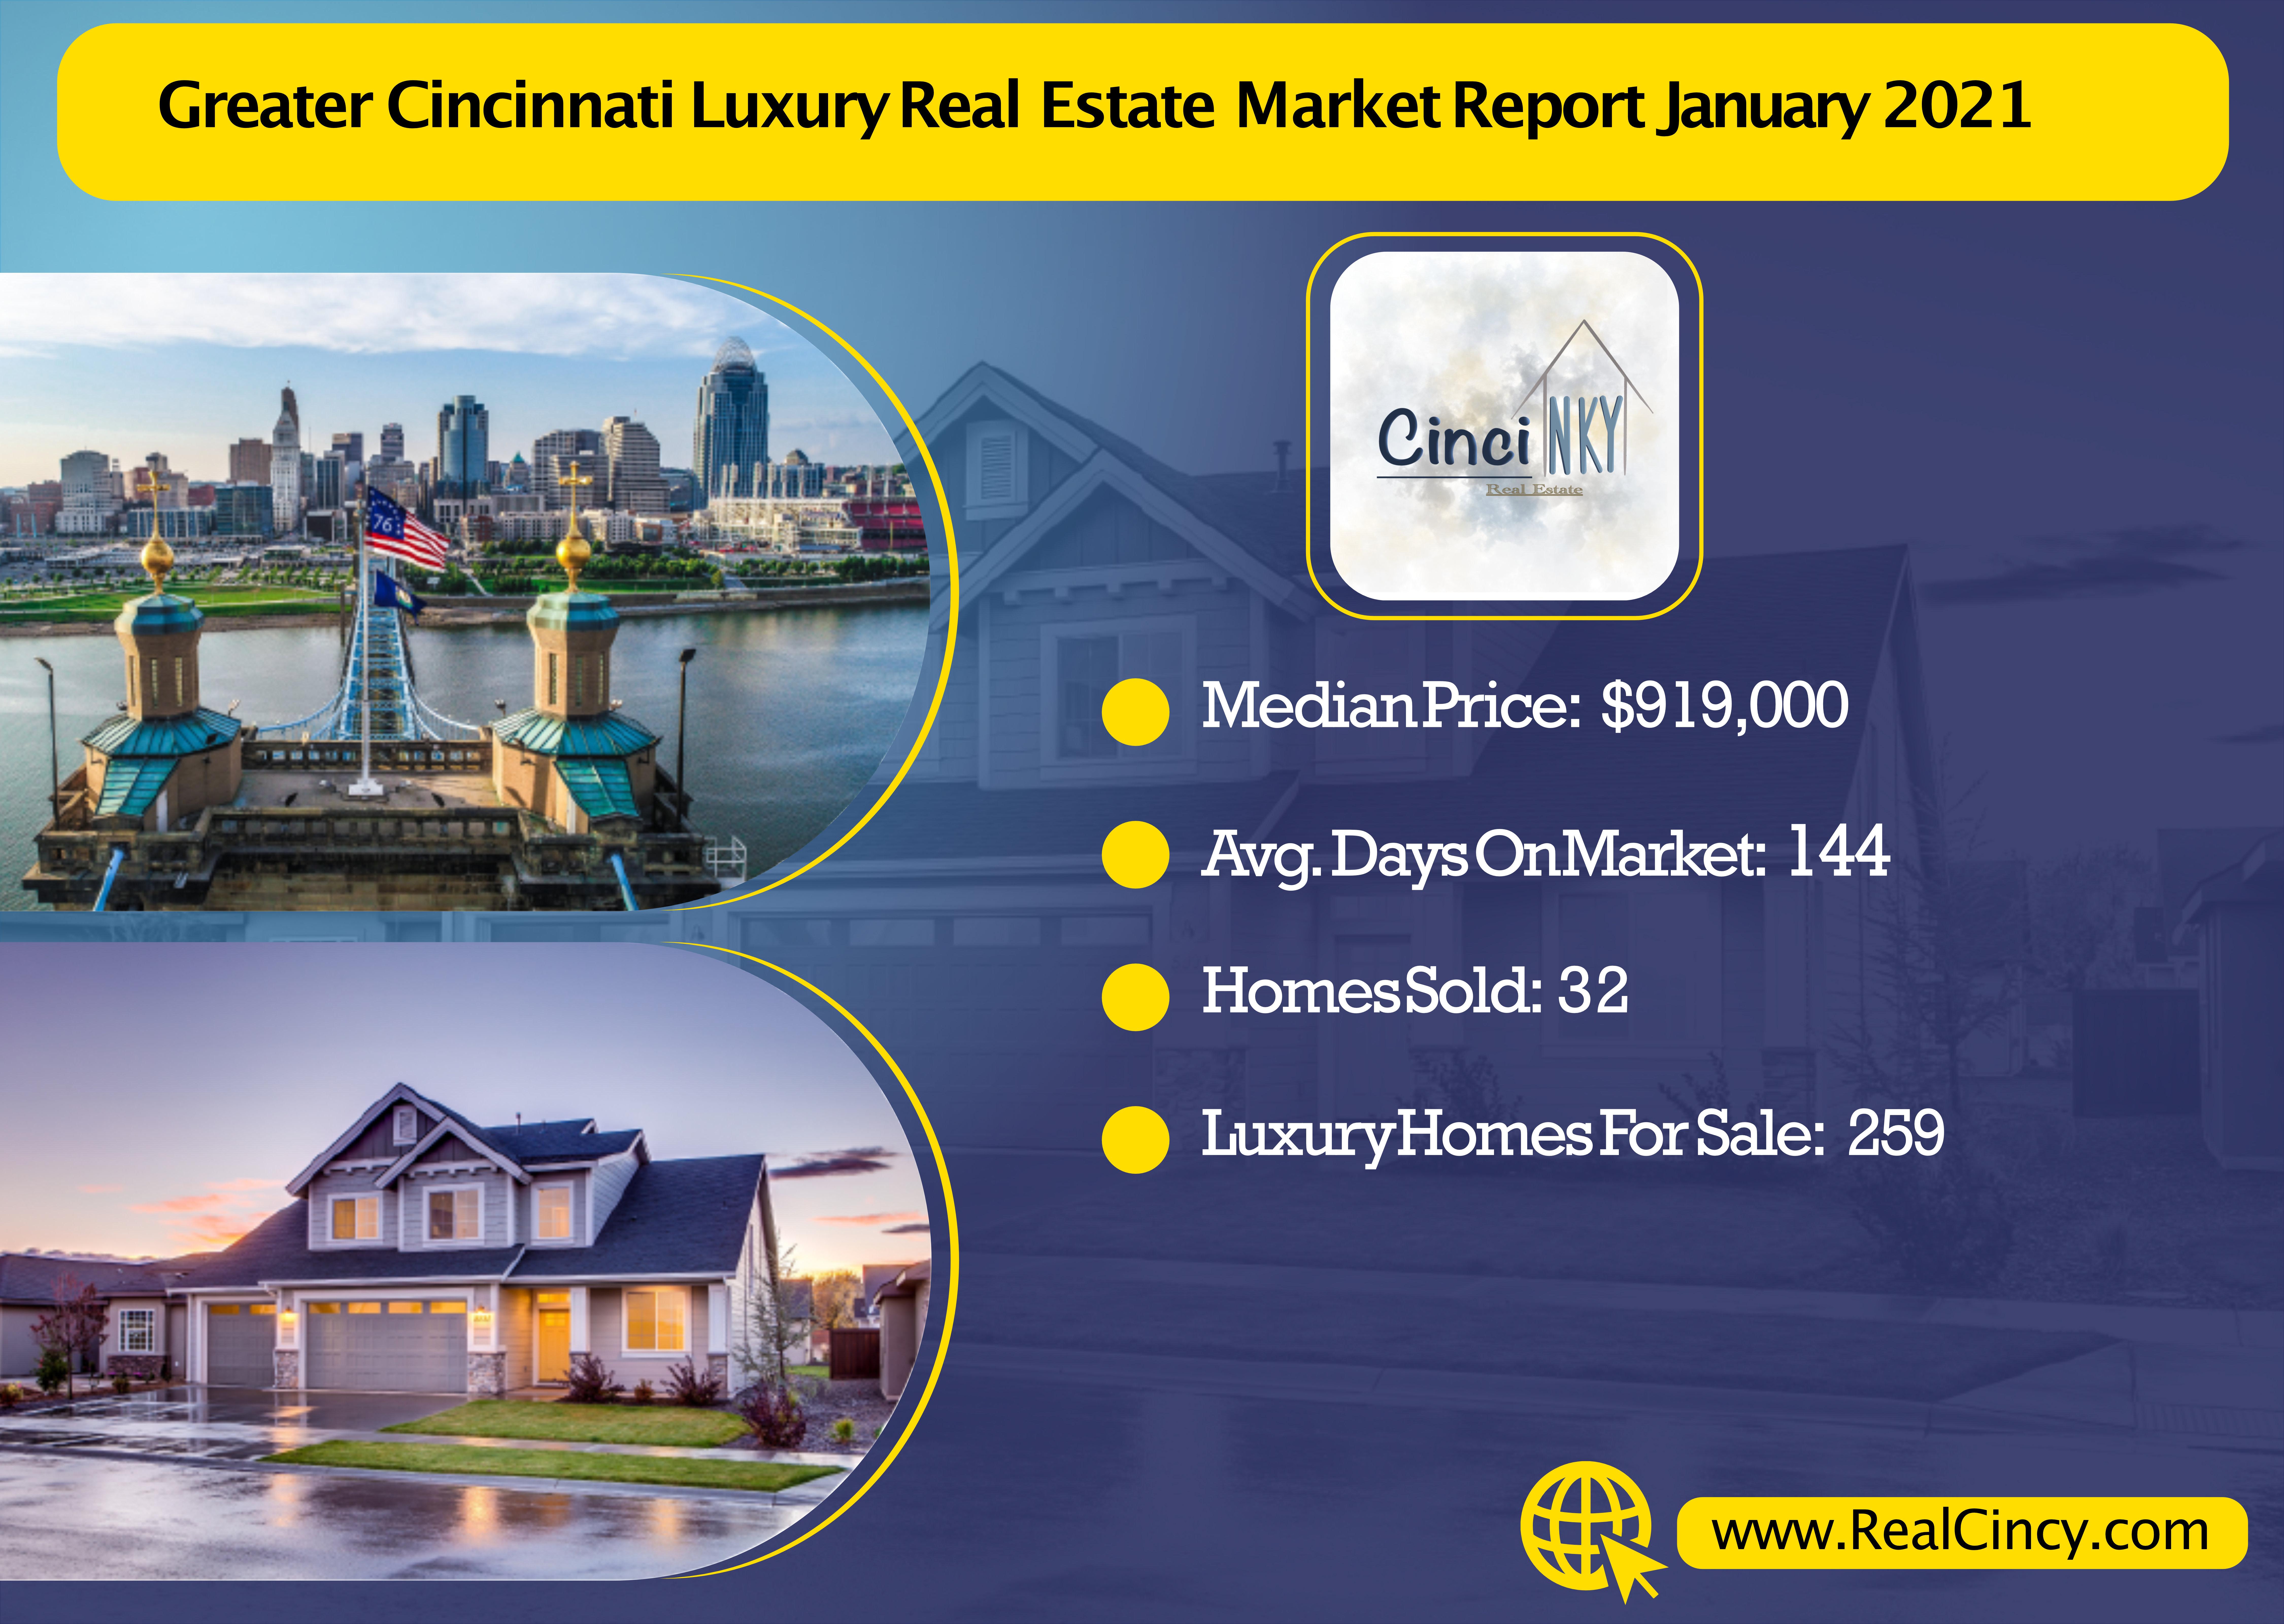 January 2021 Greater Cincinnati Luxury Real Estate Market Report